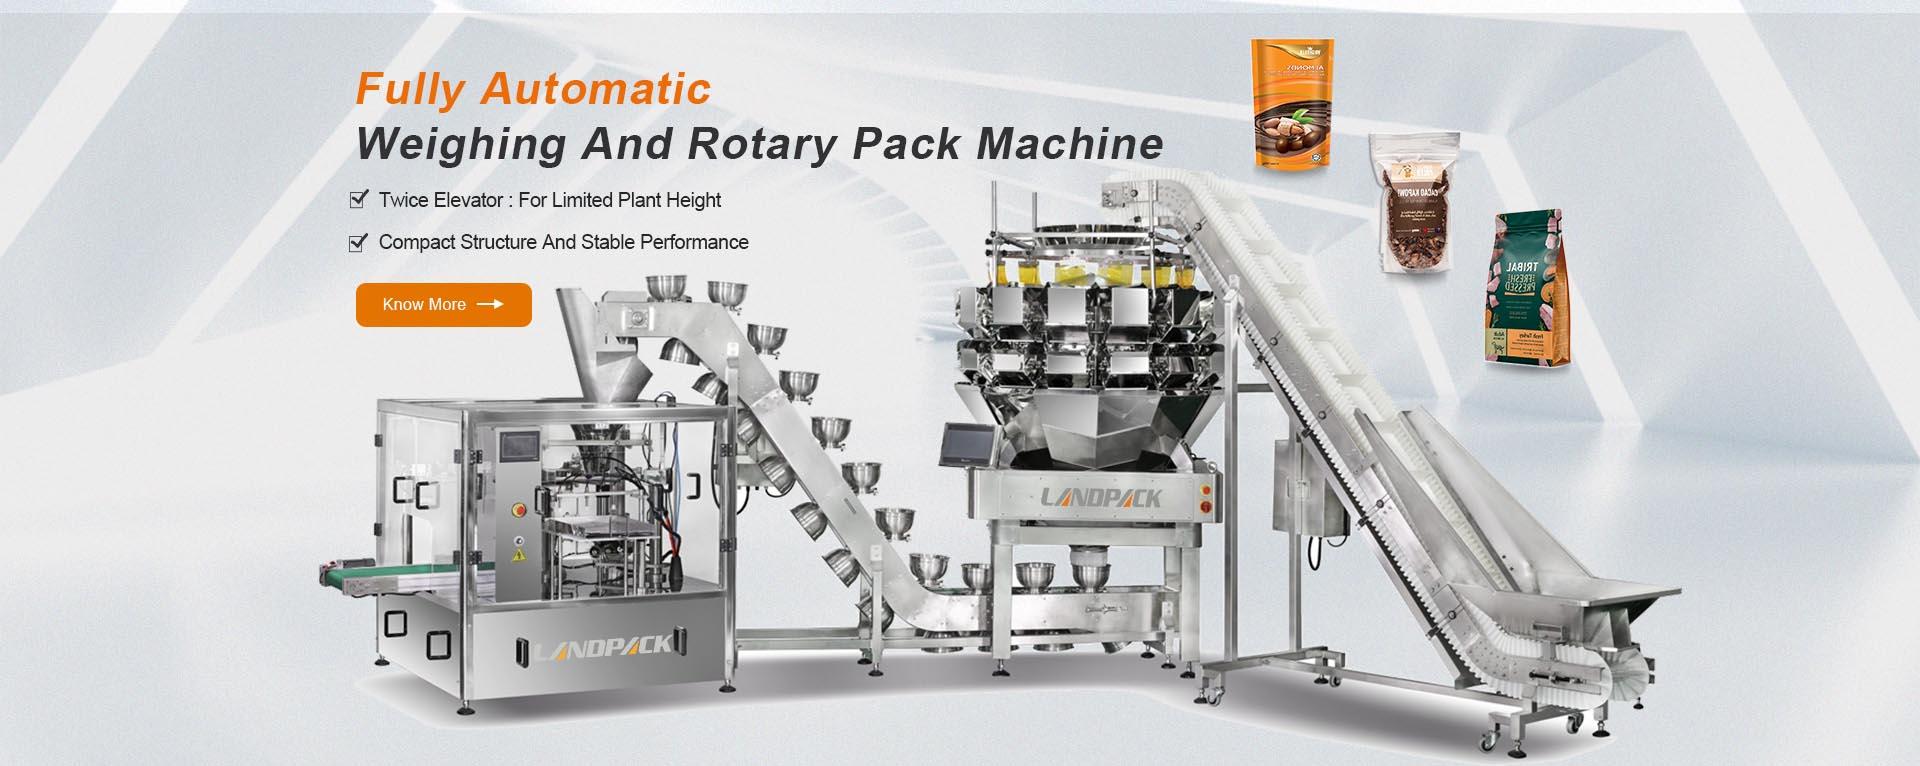 rotary pack machine